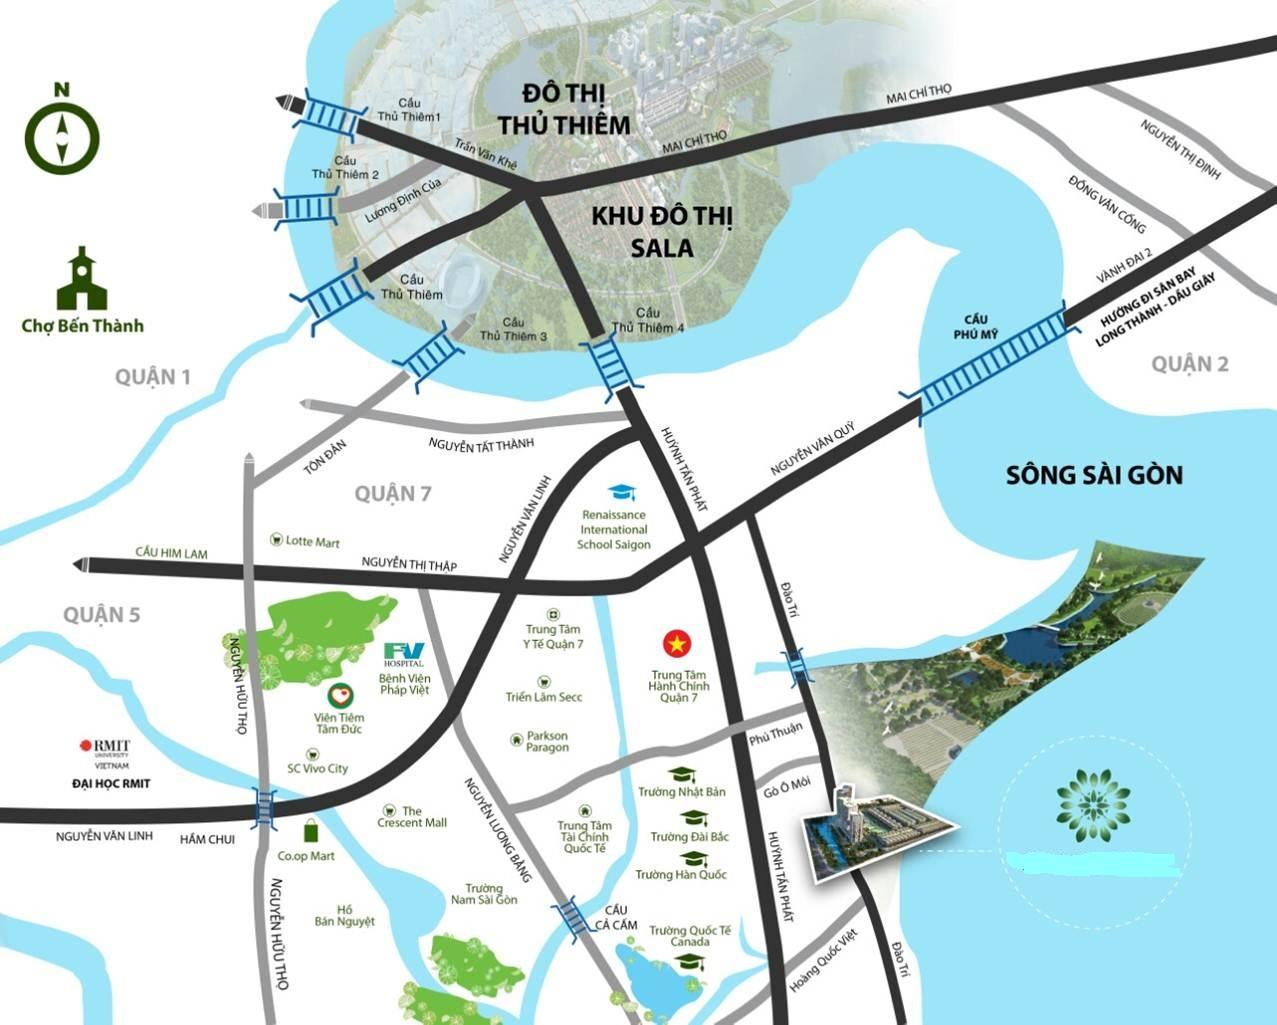 Khu căn hộ hạng sang Q7 Saigon Riverside Complex được nhiều khách hàng nước ngoài chú ý